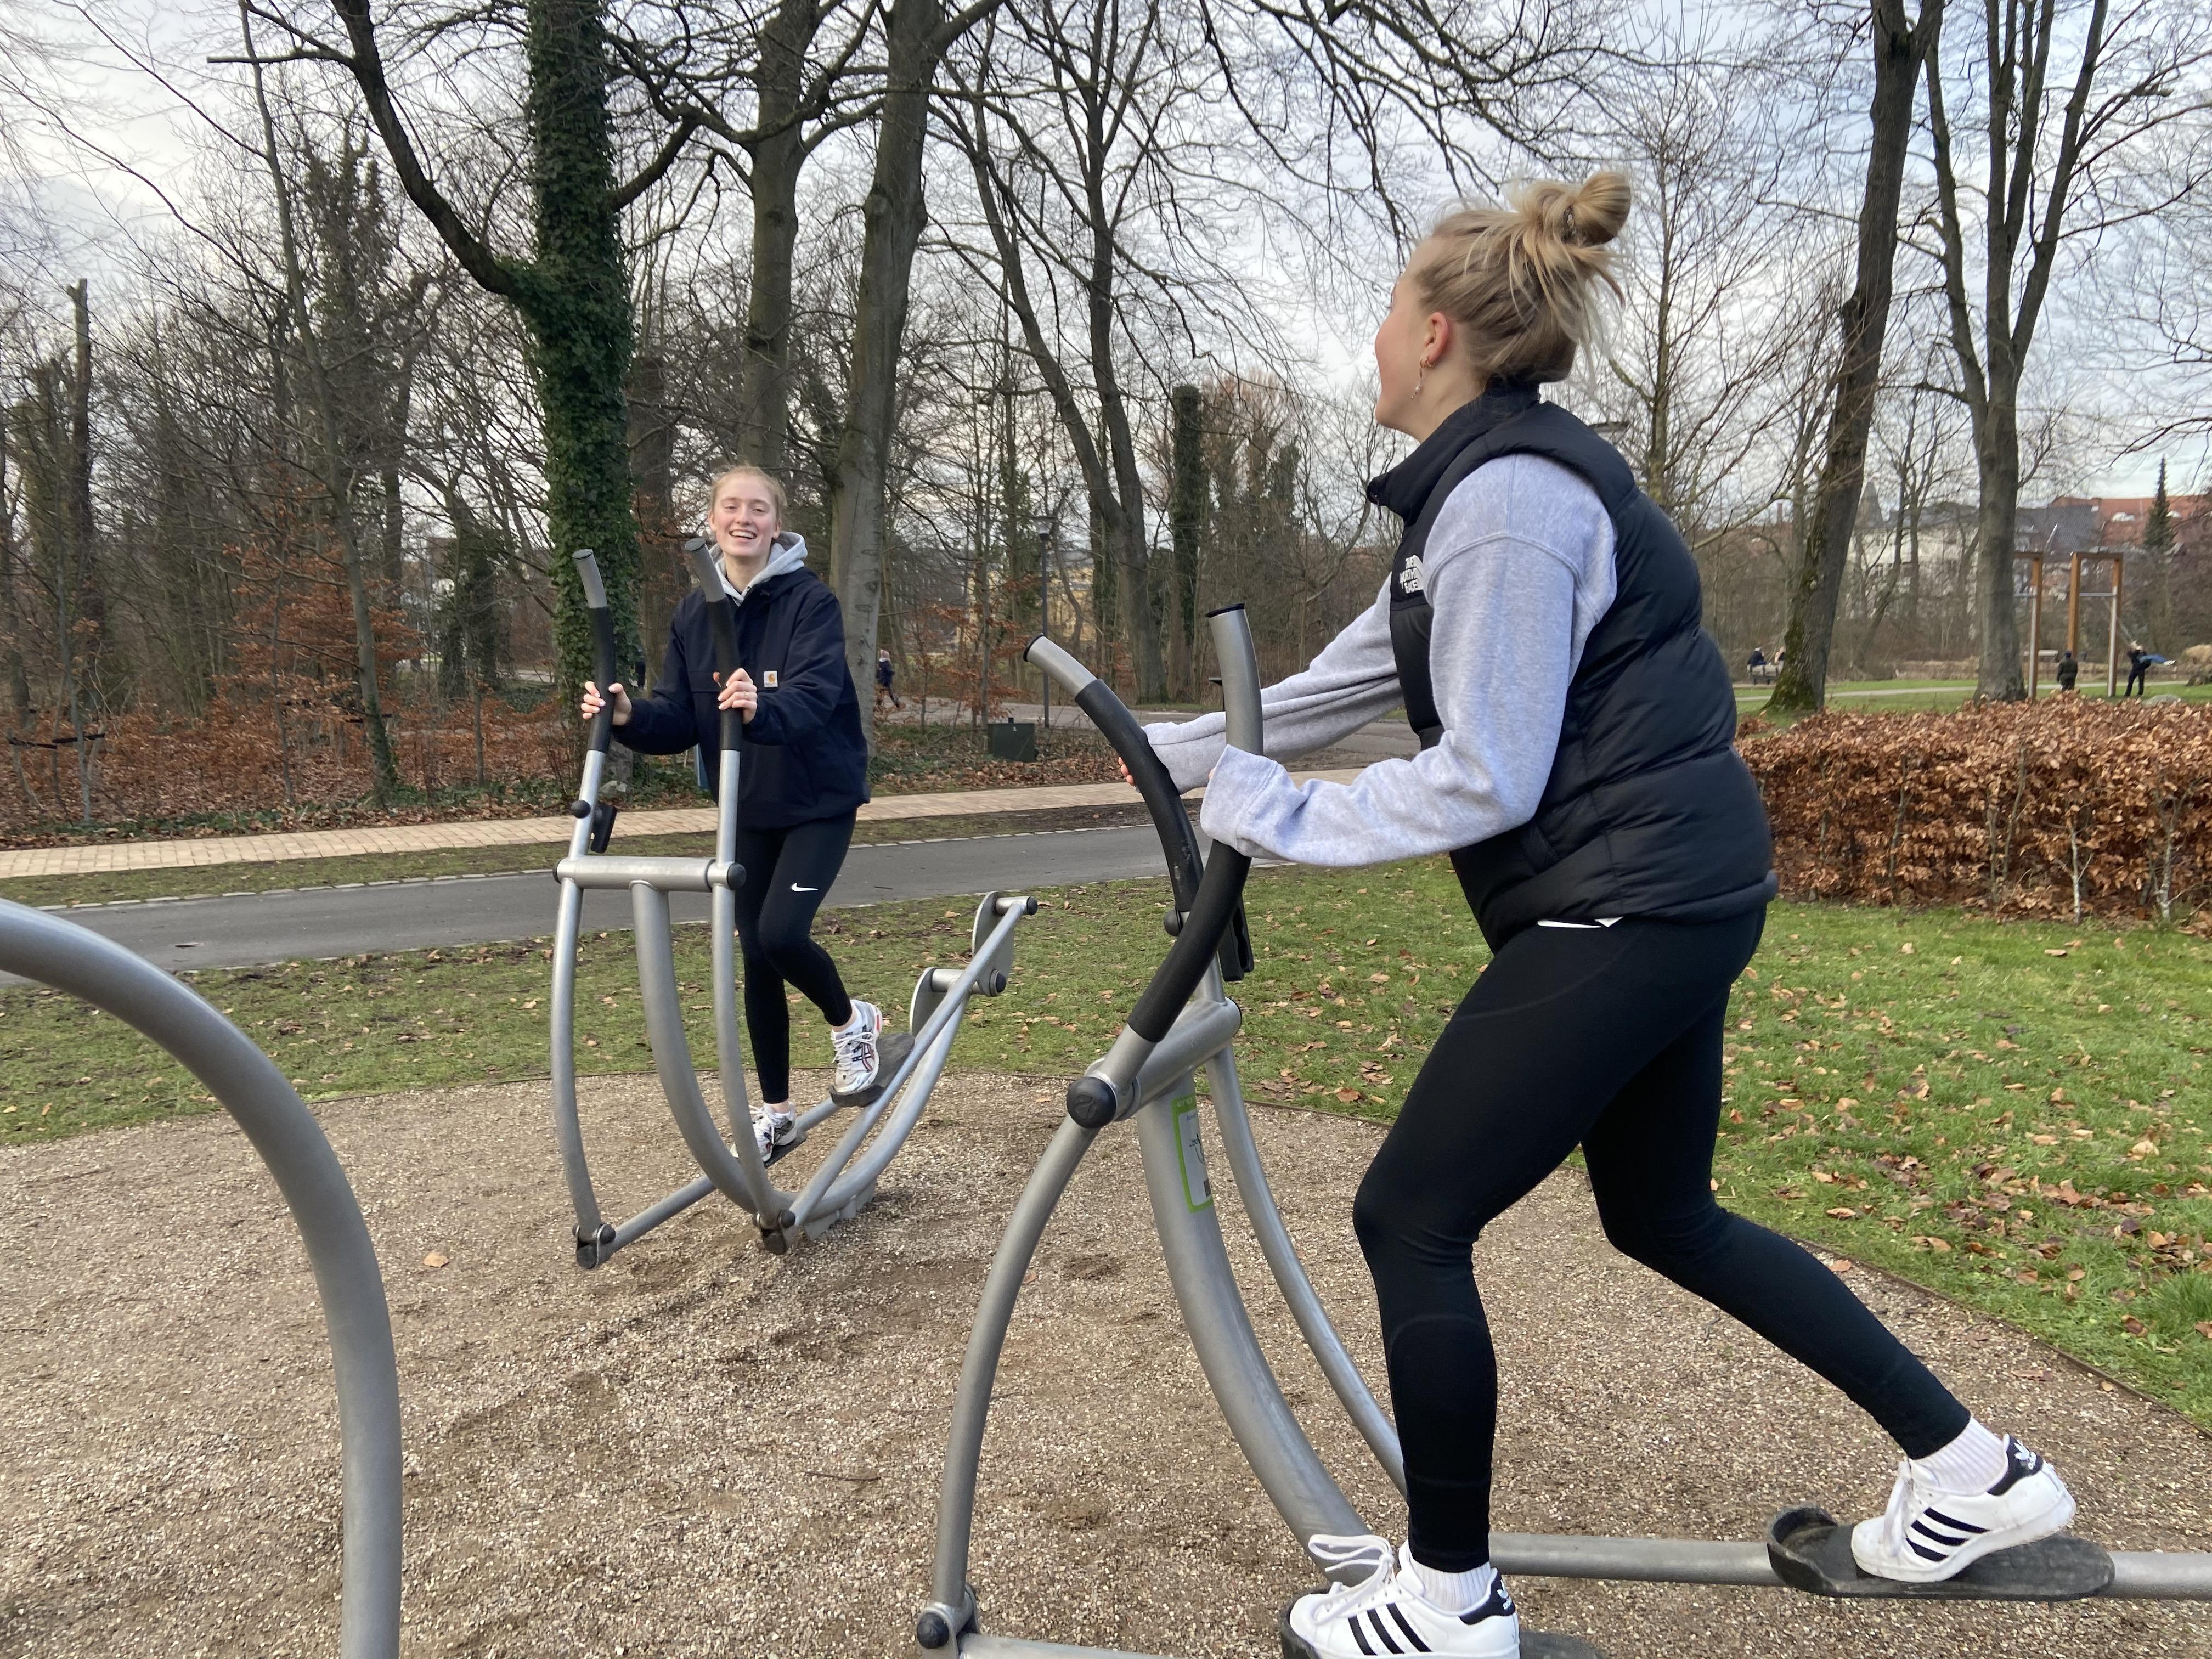 Billede af piger, der bruger udendørs fitness-masksiner